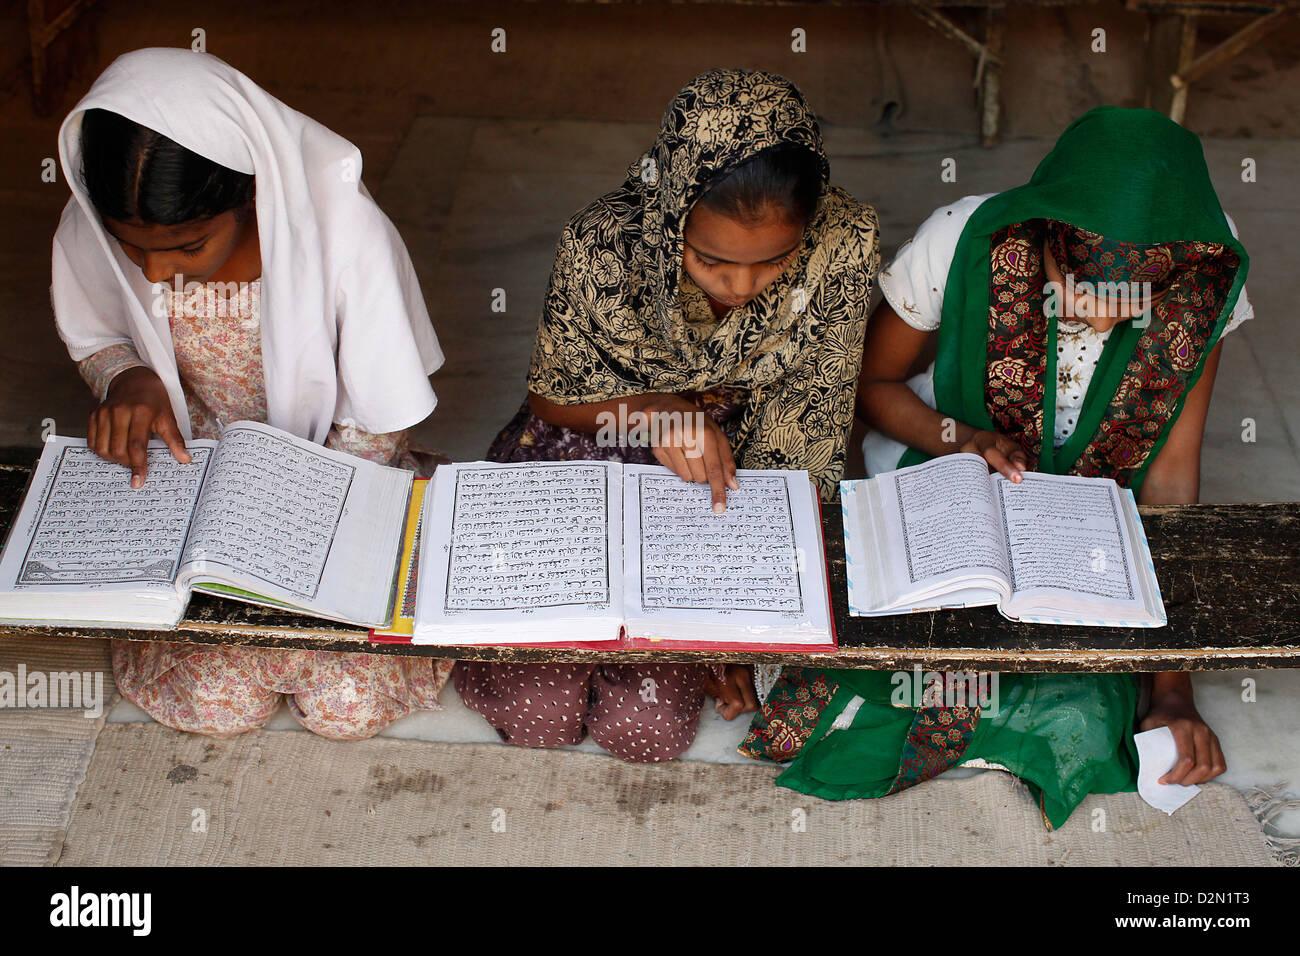 Las niñas aprender el Árabe en la medersa (escuela coránica), Fatehpur Sikri, Uttar Pradesh, India, Imagen De Stock